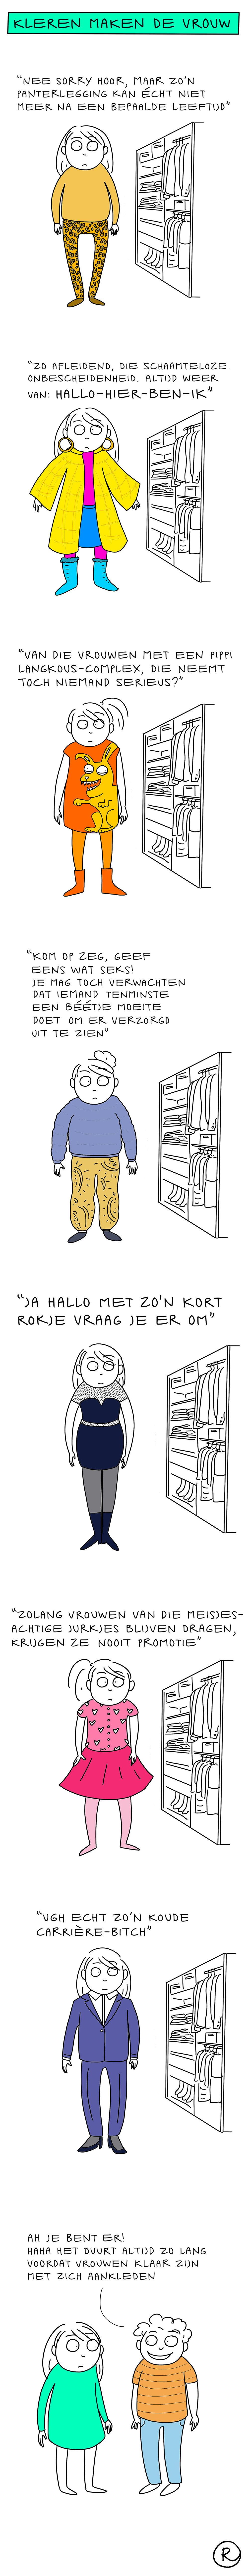 kleding vrouw online.jpg